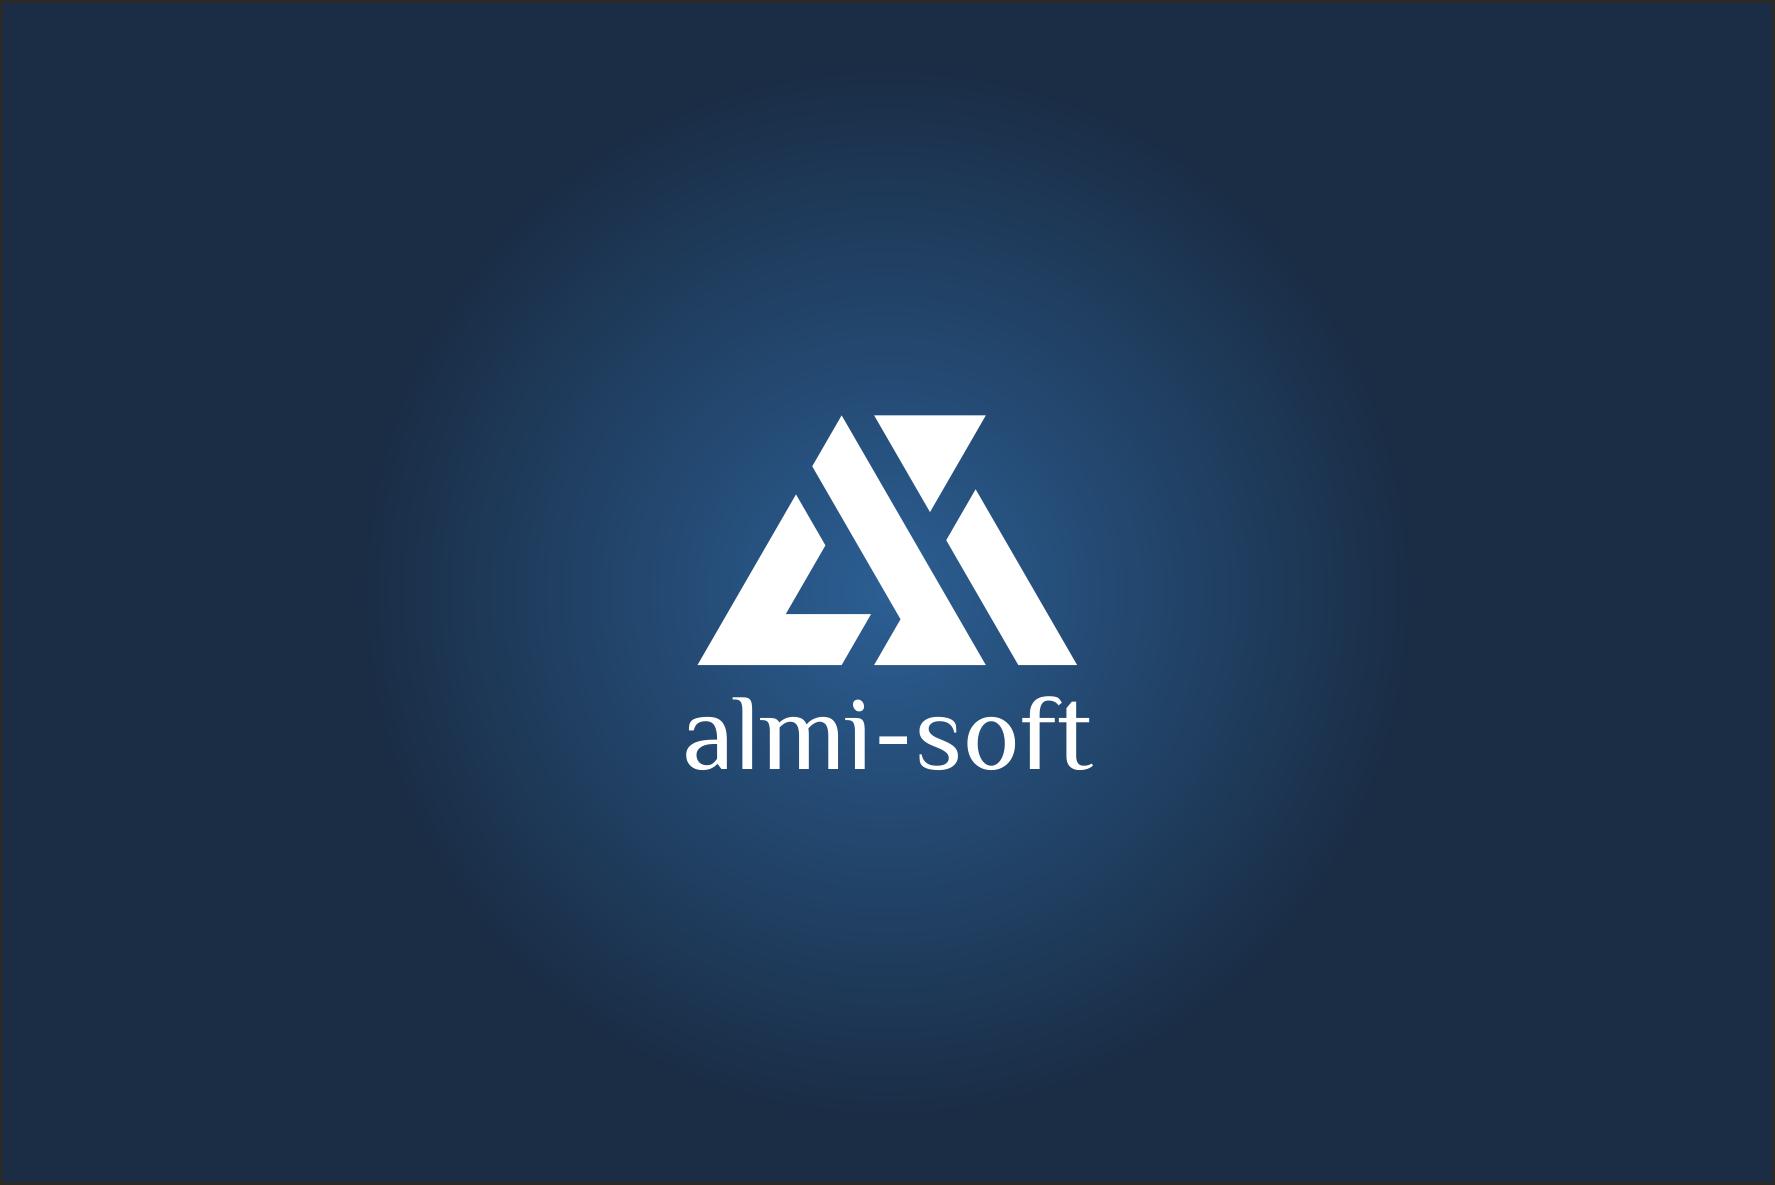 Разработка логотипа и фона фото f_068598da4534391e.png